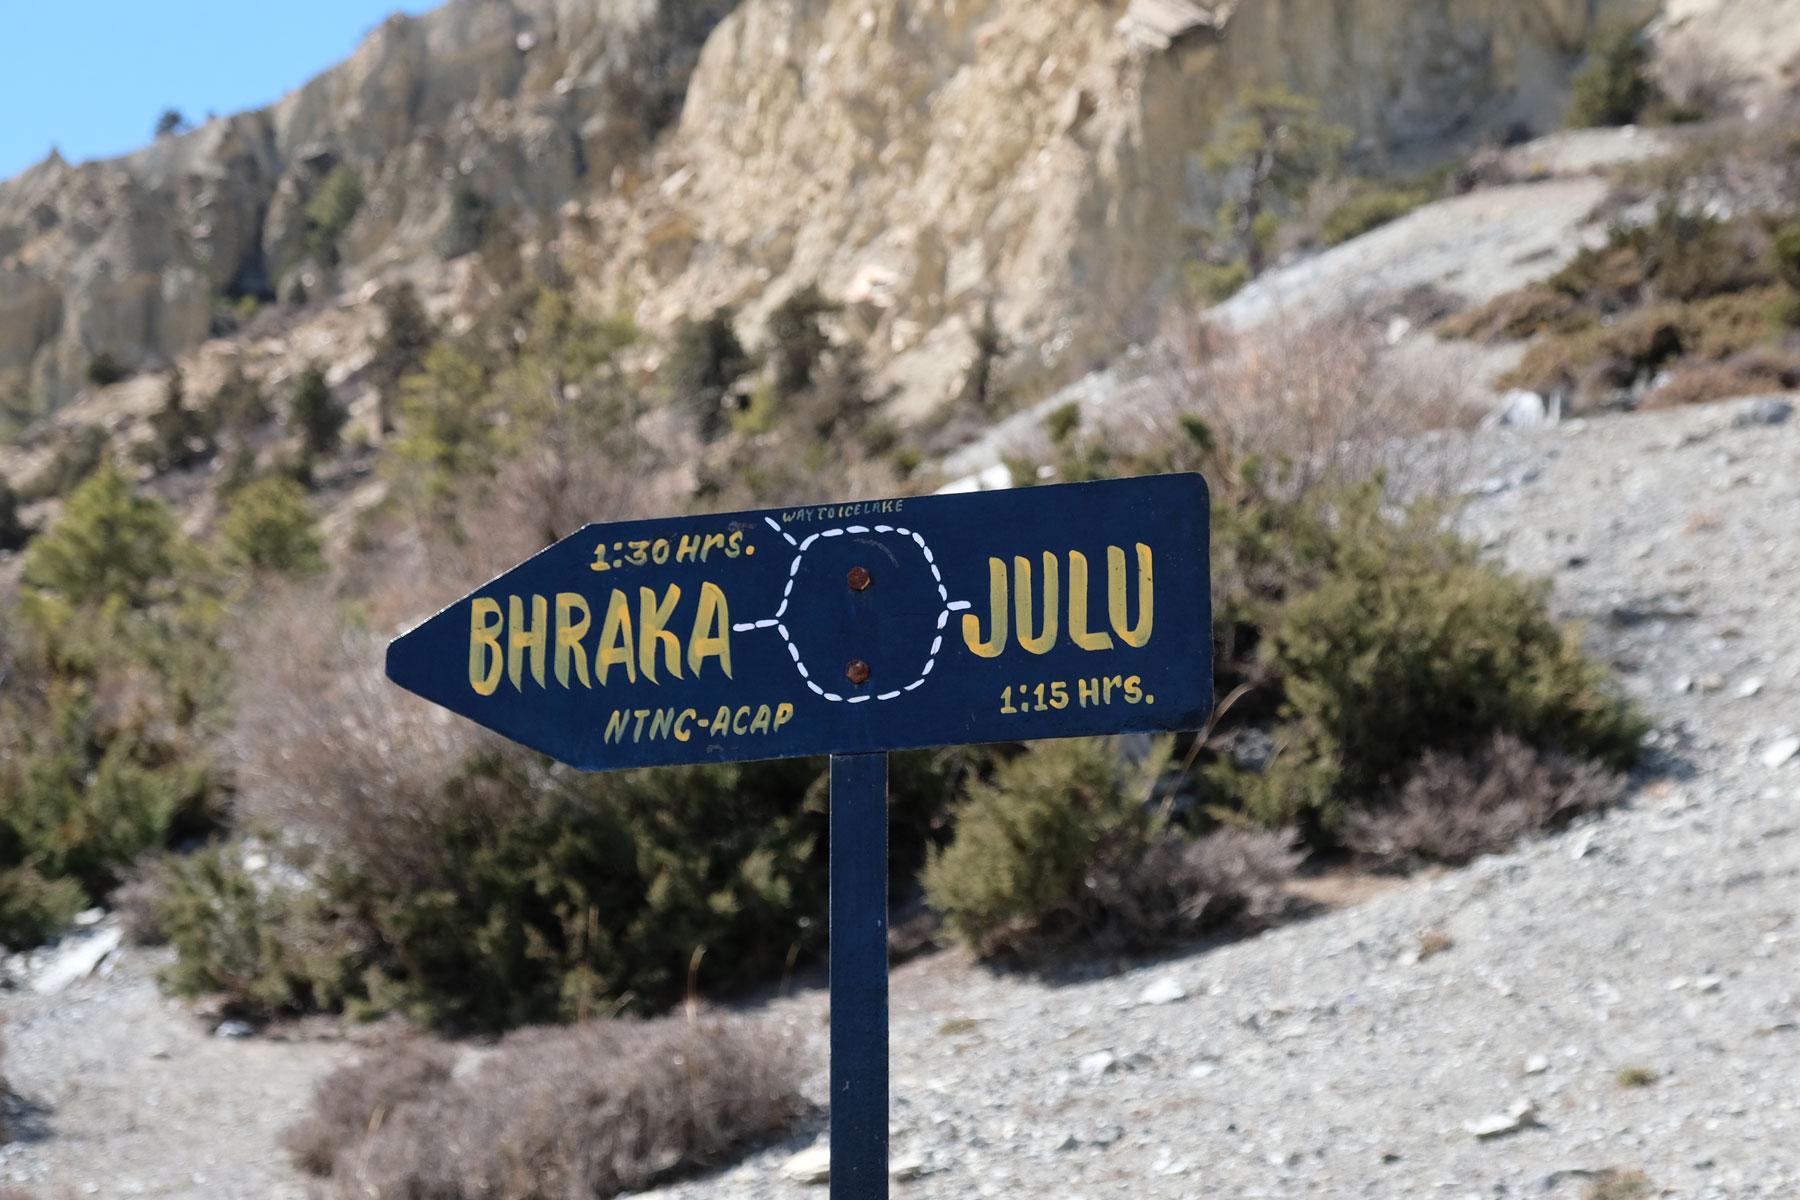 Ein Wegweise auf dem Annapurna Circuit, auf dem der Weg nach Bhraka und Julu beschrieben wird.